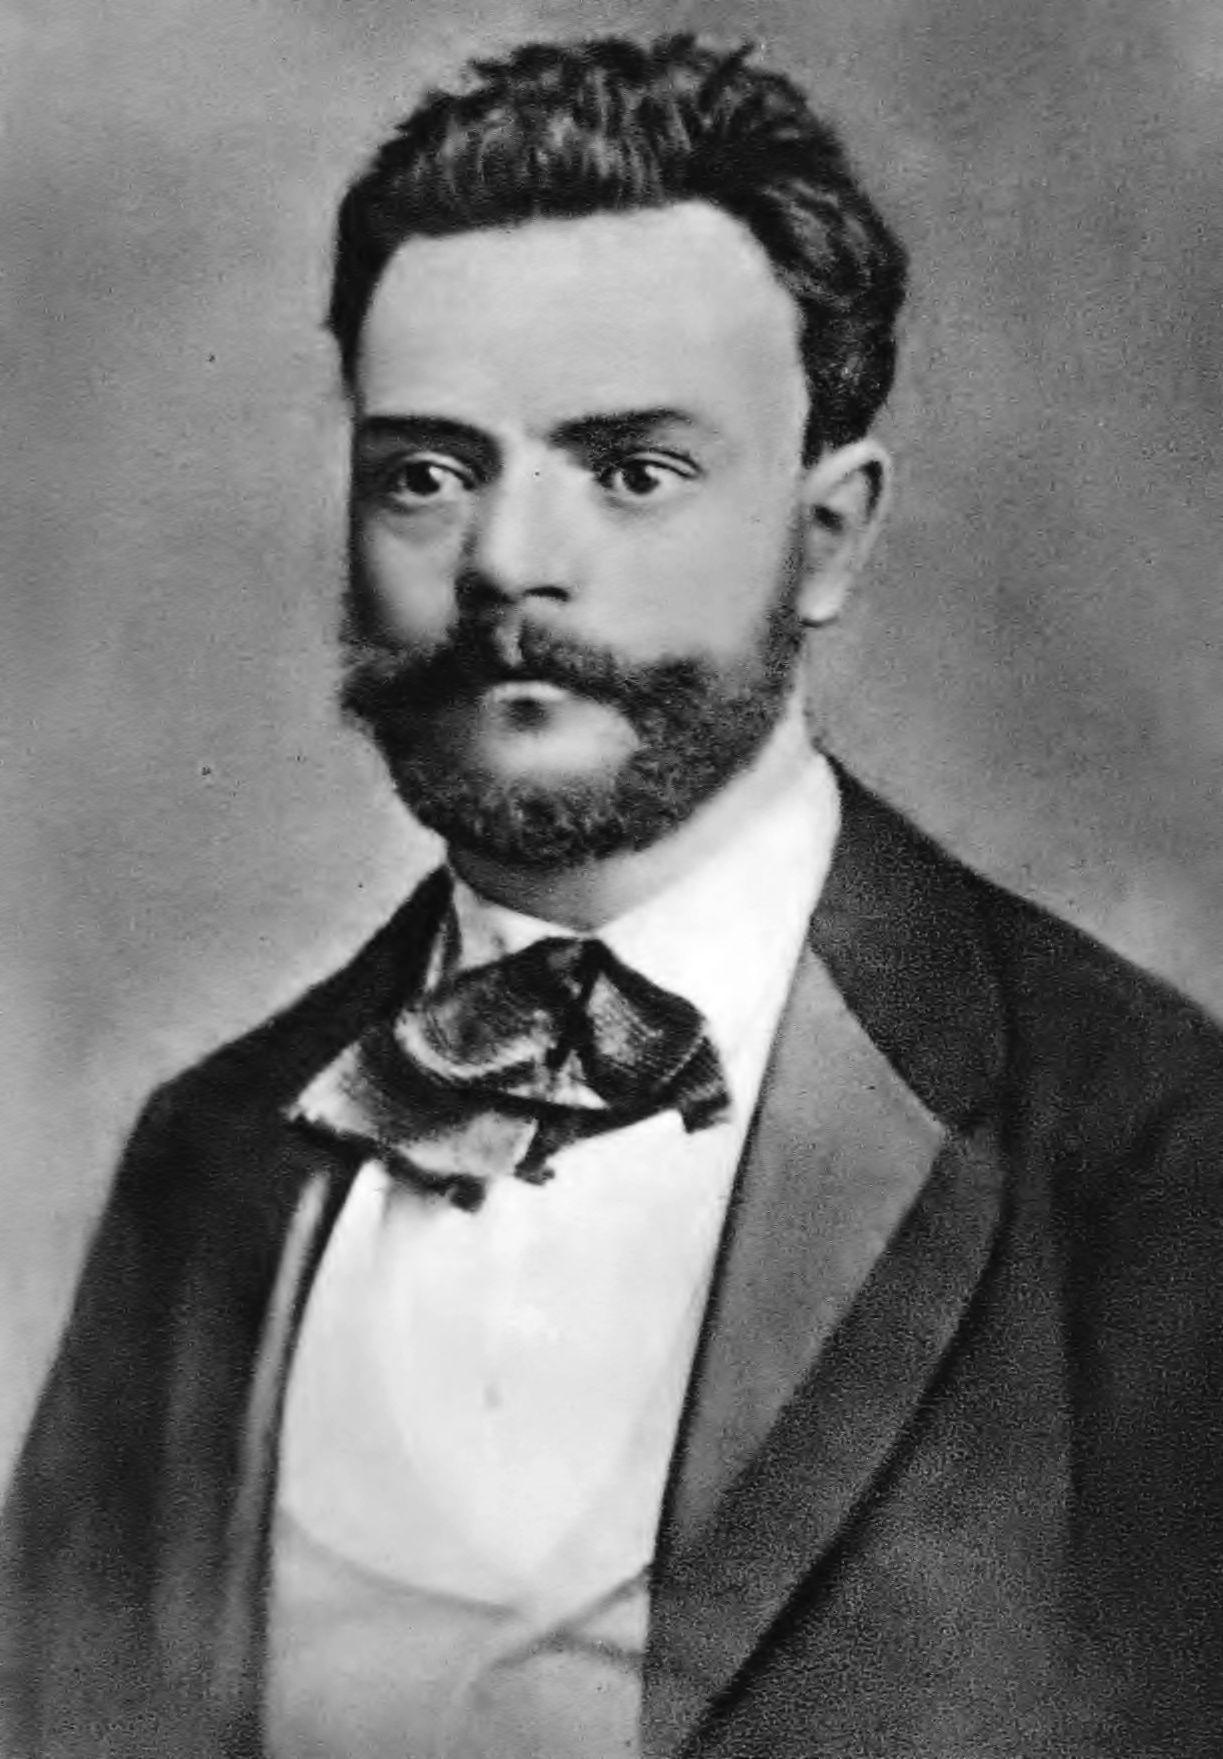 德伏扎克出身草根,卻慢慢獲得機會,建立作曲家的事業。最重要的轉捩點,就是因着布拉姆斯的支持,讓他的樂譜得以出版,從而揚名歐洲。